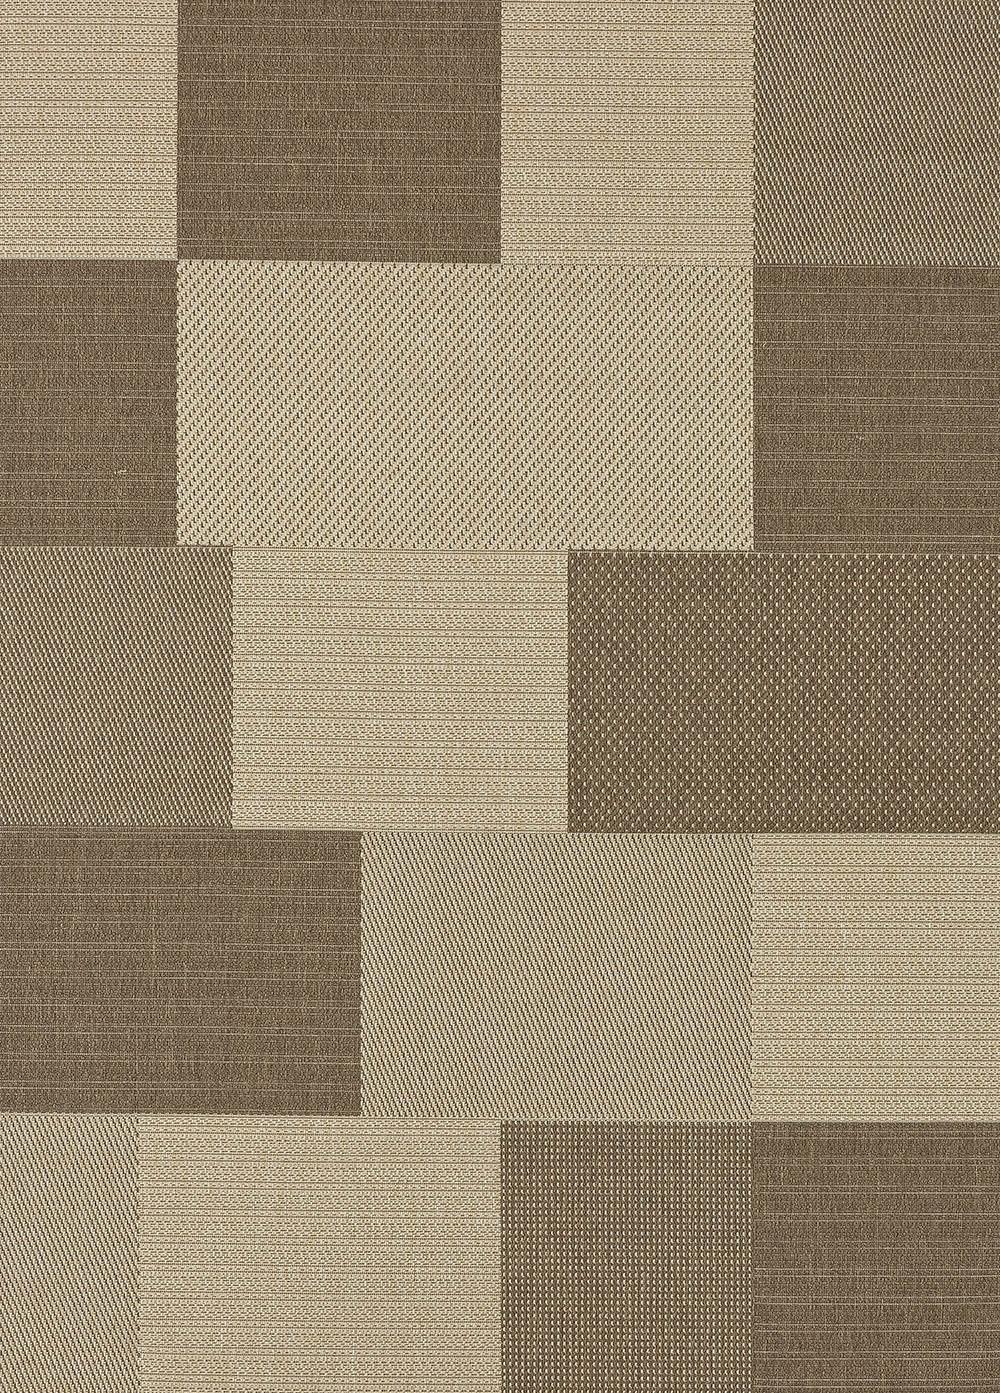 tapis int rieur et ext rieur contemporain marron matrix. Black Bedroom Furniture Sets. Home Design Ideas